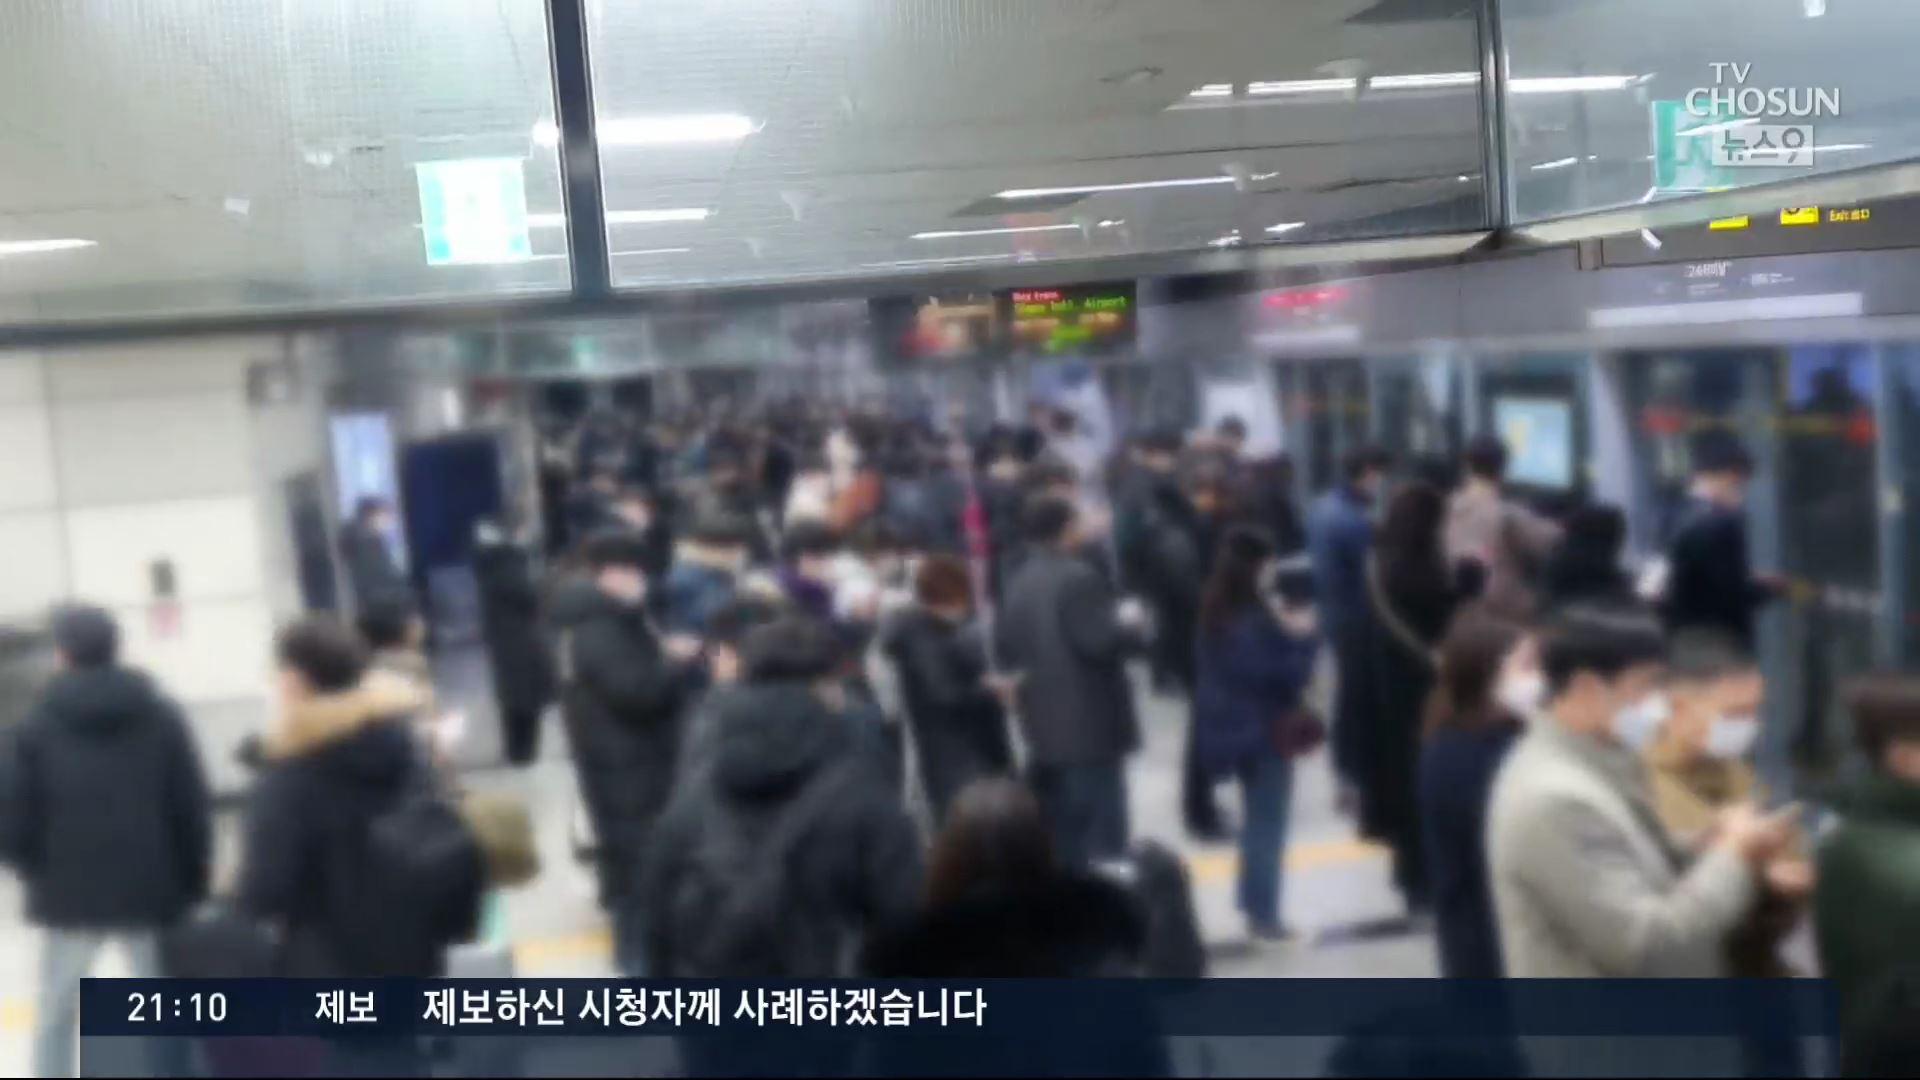 '숨은 전파자' 속출에도 출퇴근길 '북새통'…대책 없는 대중교통